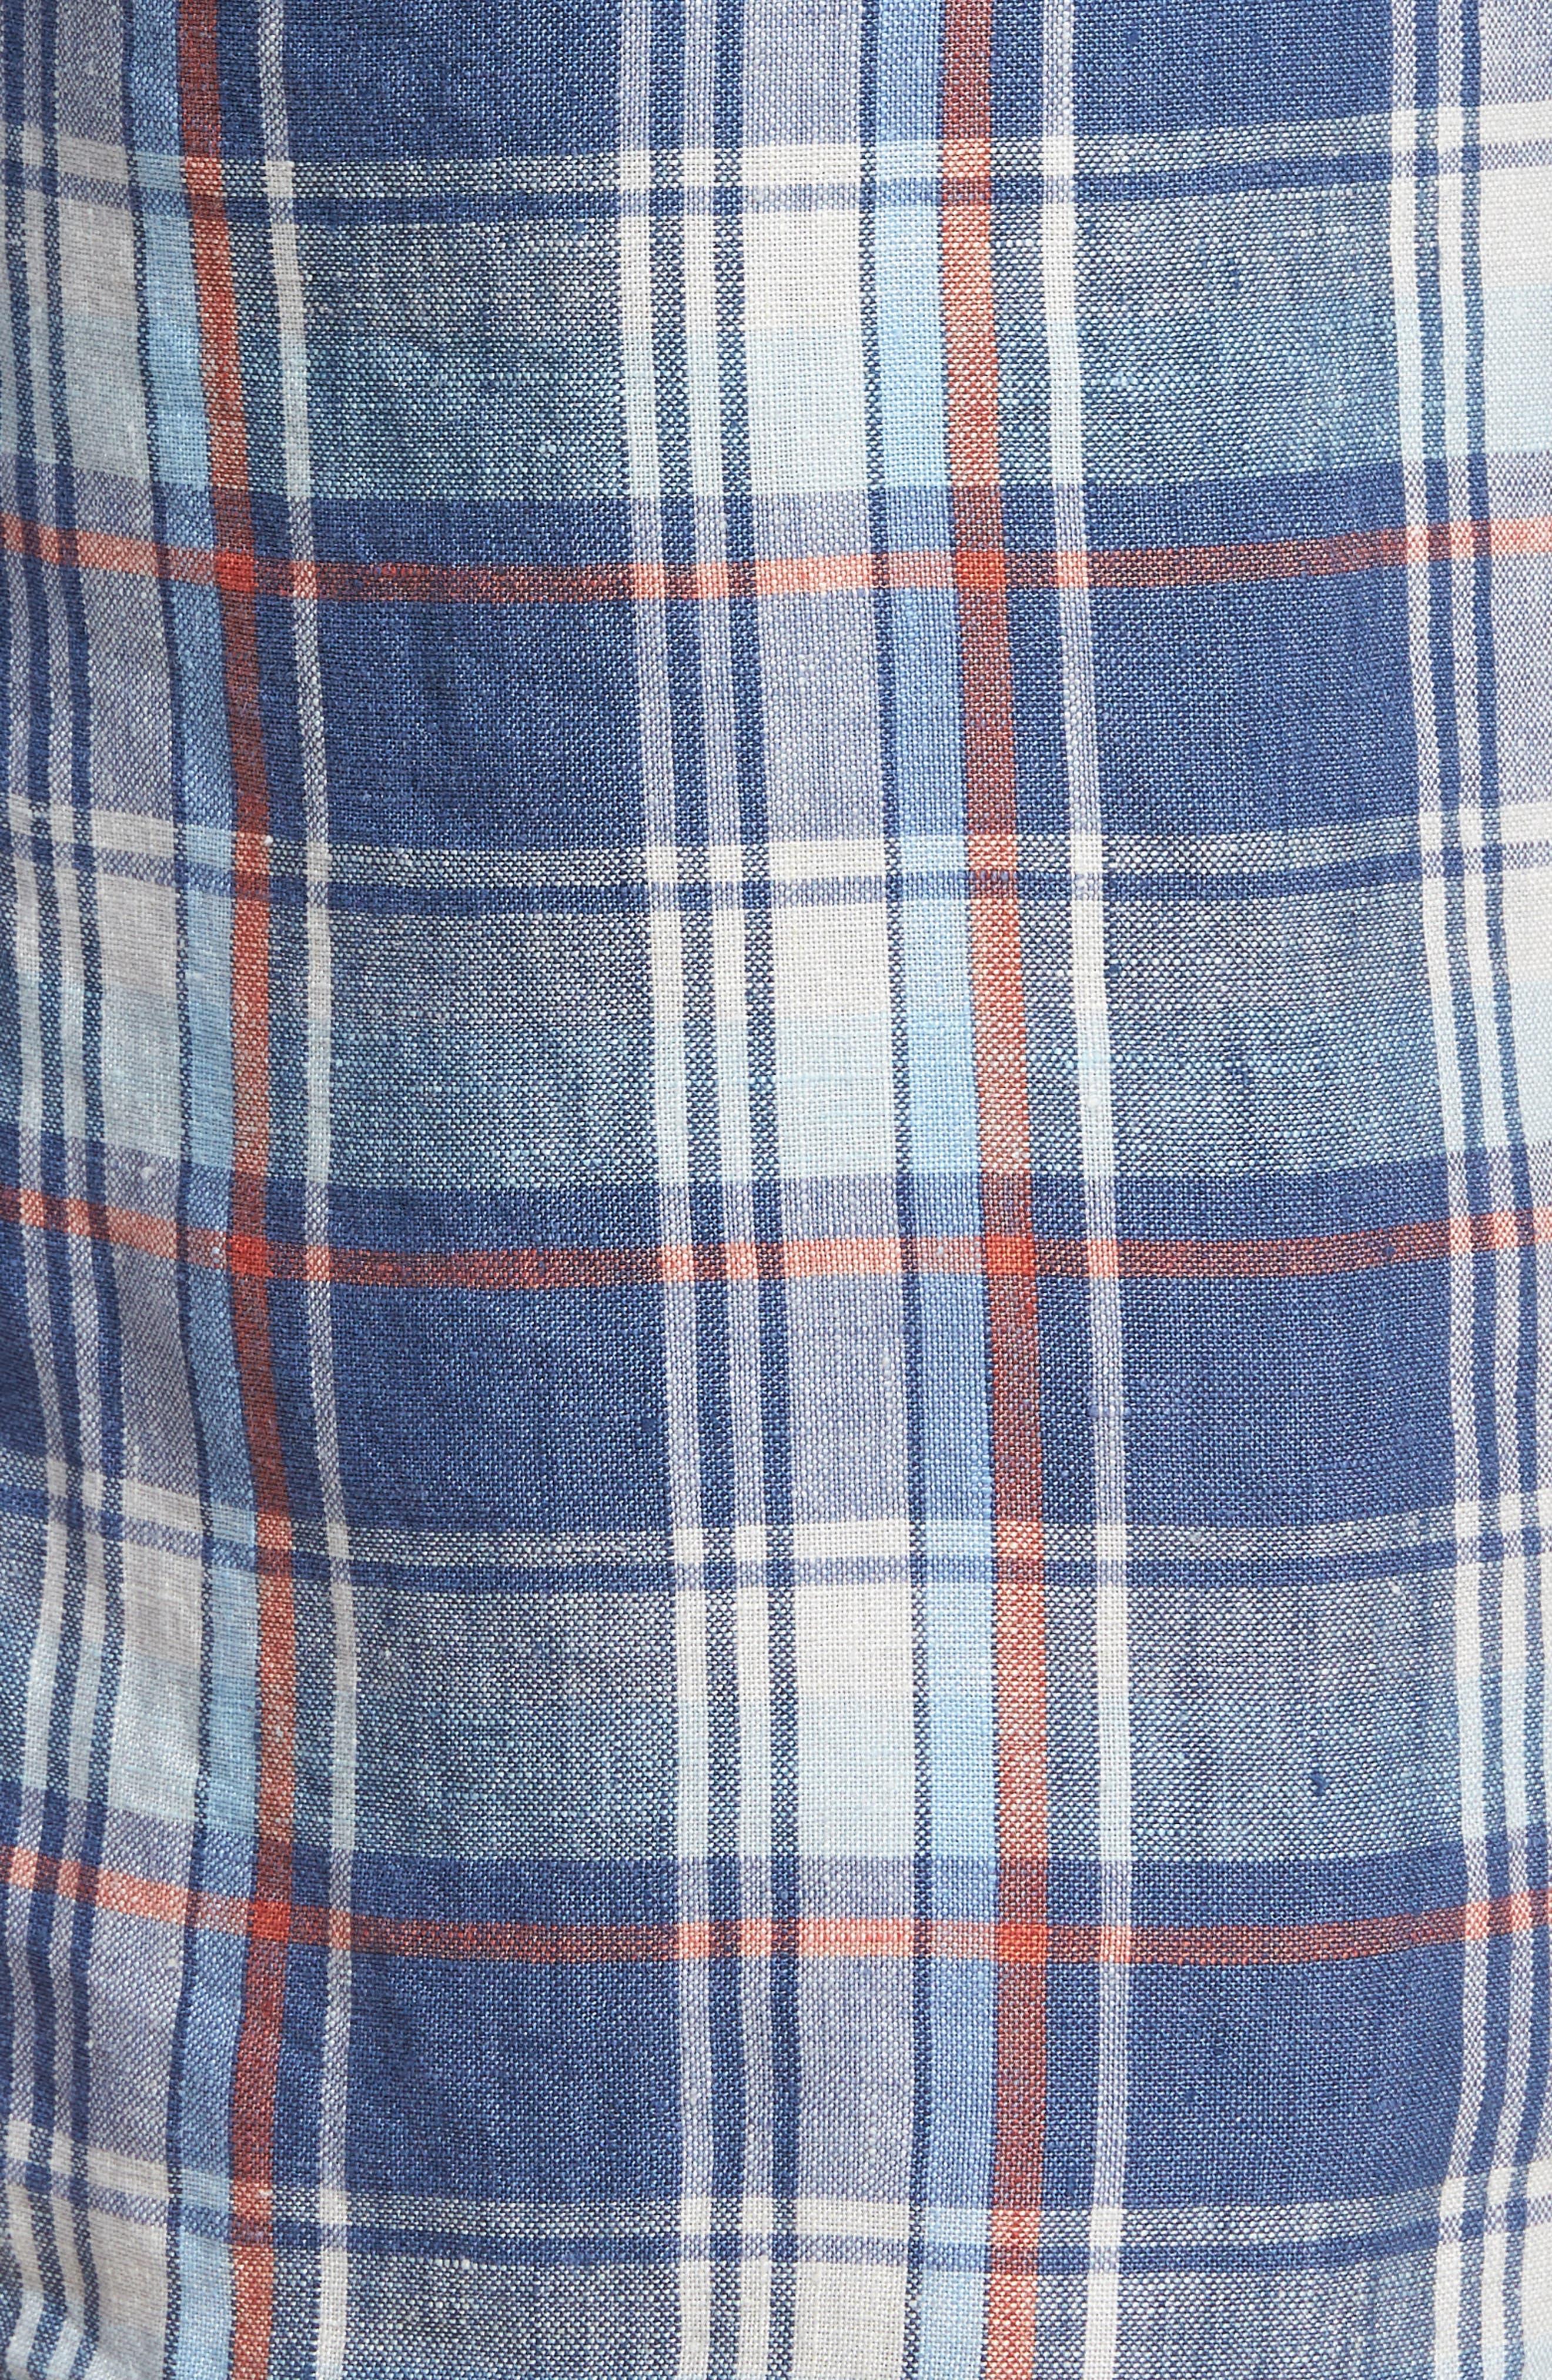 Plaid de Leon Reversible Linen Shorts,                             Alternate thumbnail 5, color,                             Dockside Blue